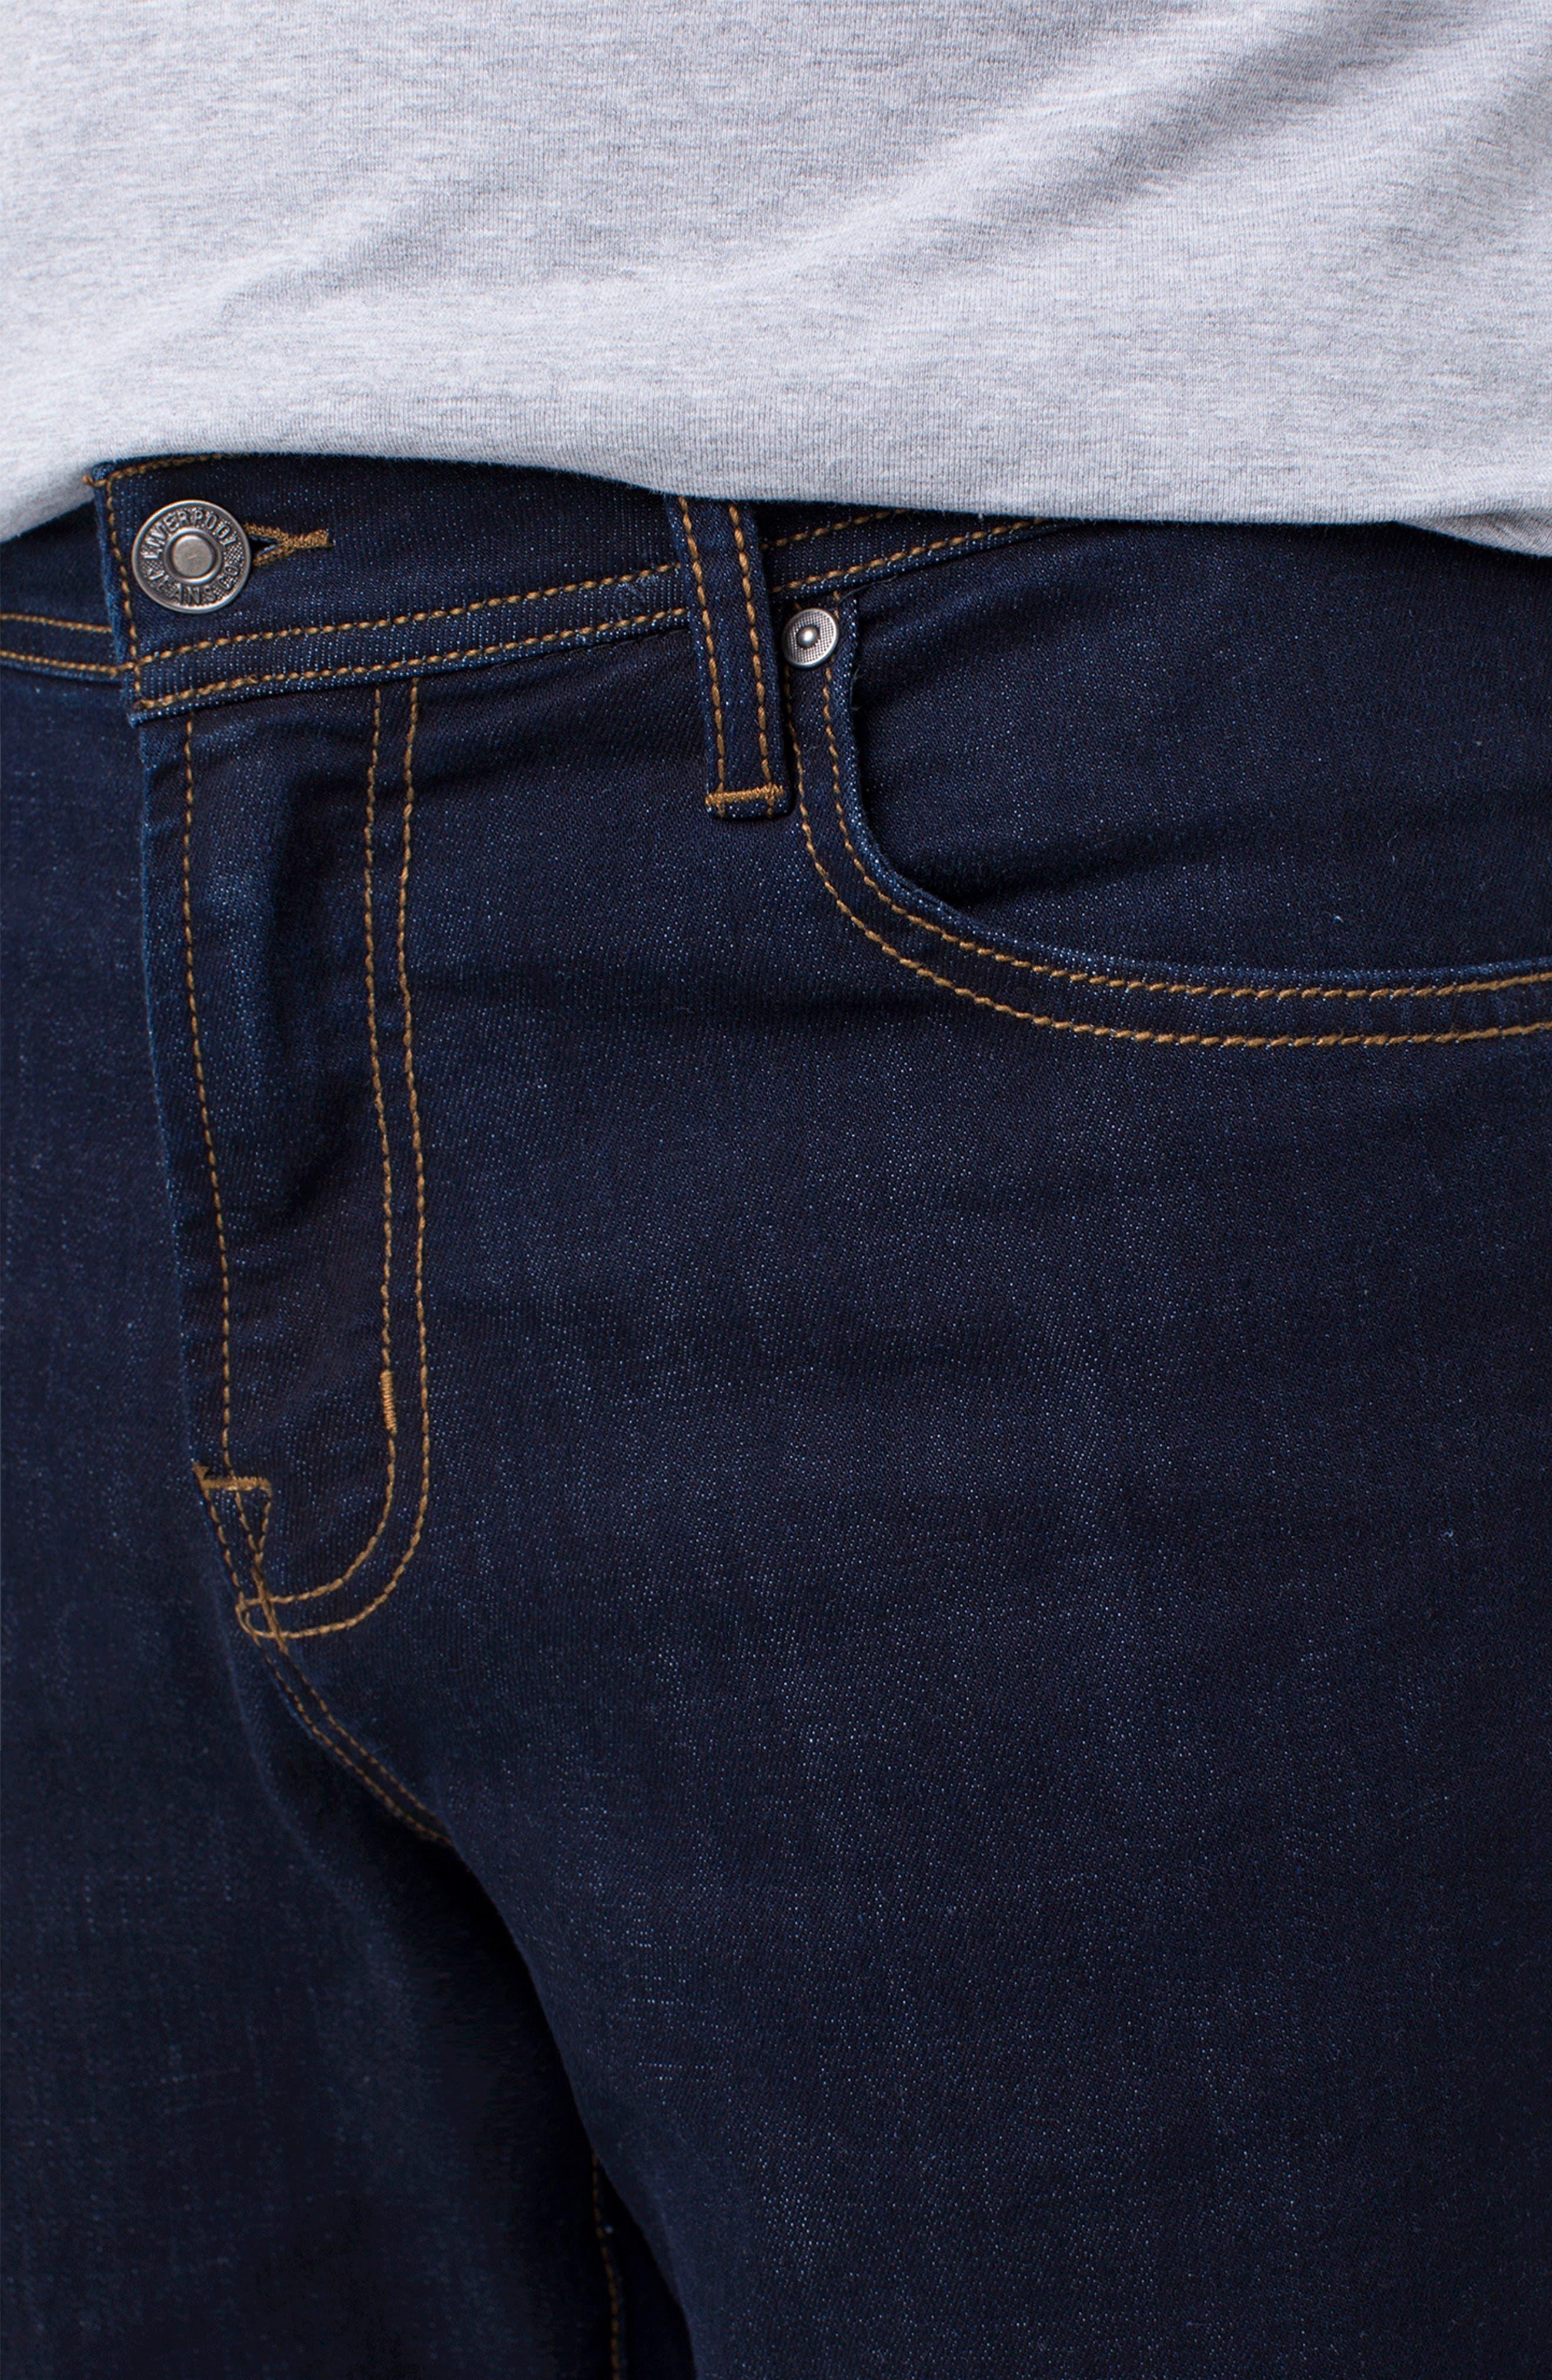 Kingston Slim Straight Leg Jeans,                             Alternate thumbnail 3, color,                             MODERN RINSE